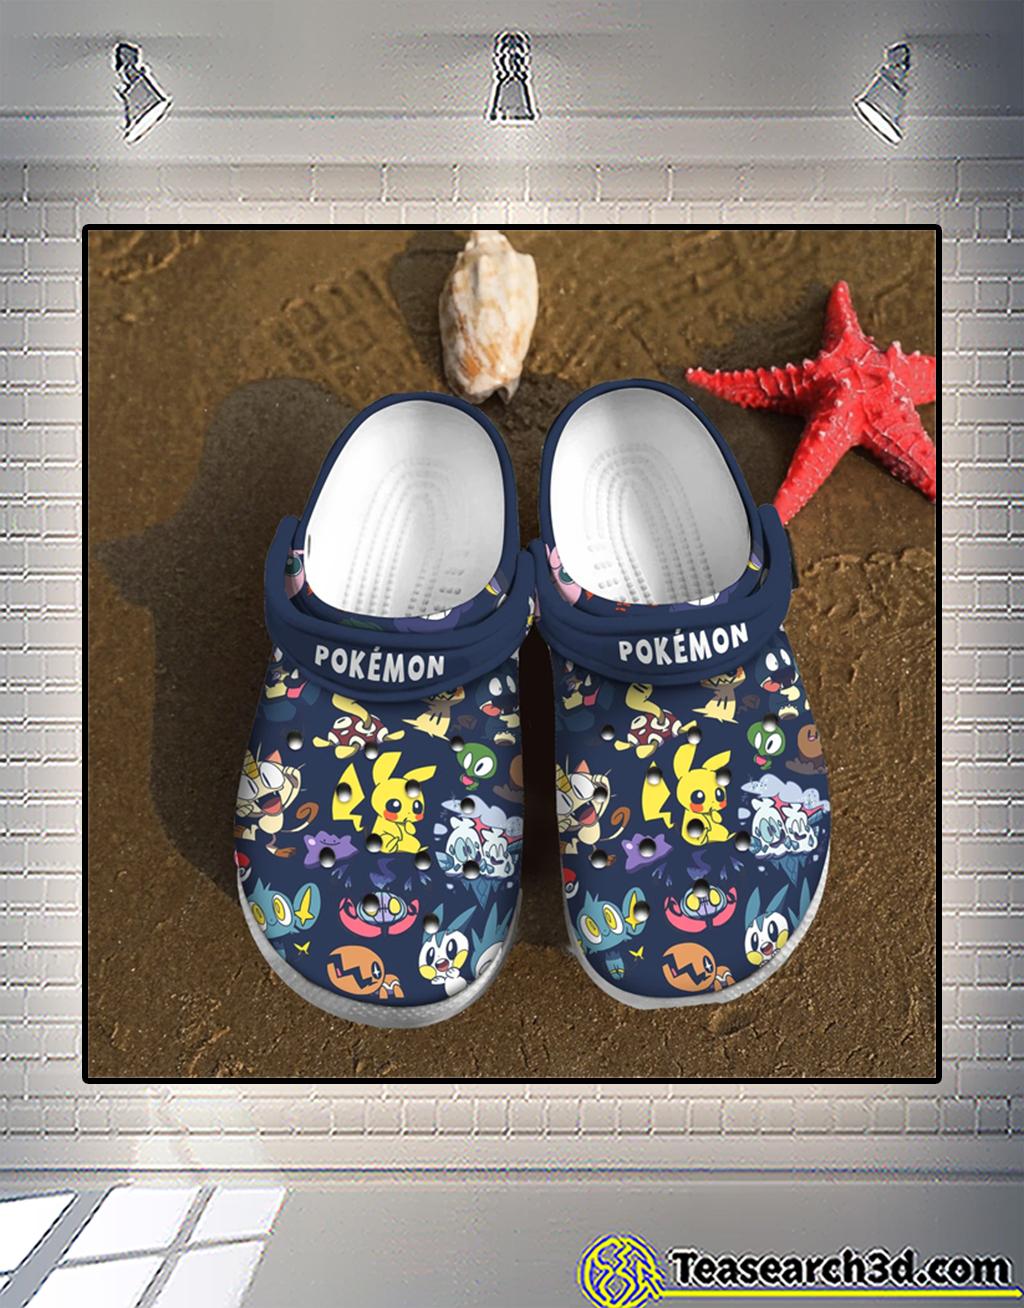 Pokémon crocs shoes